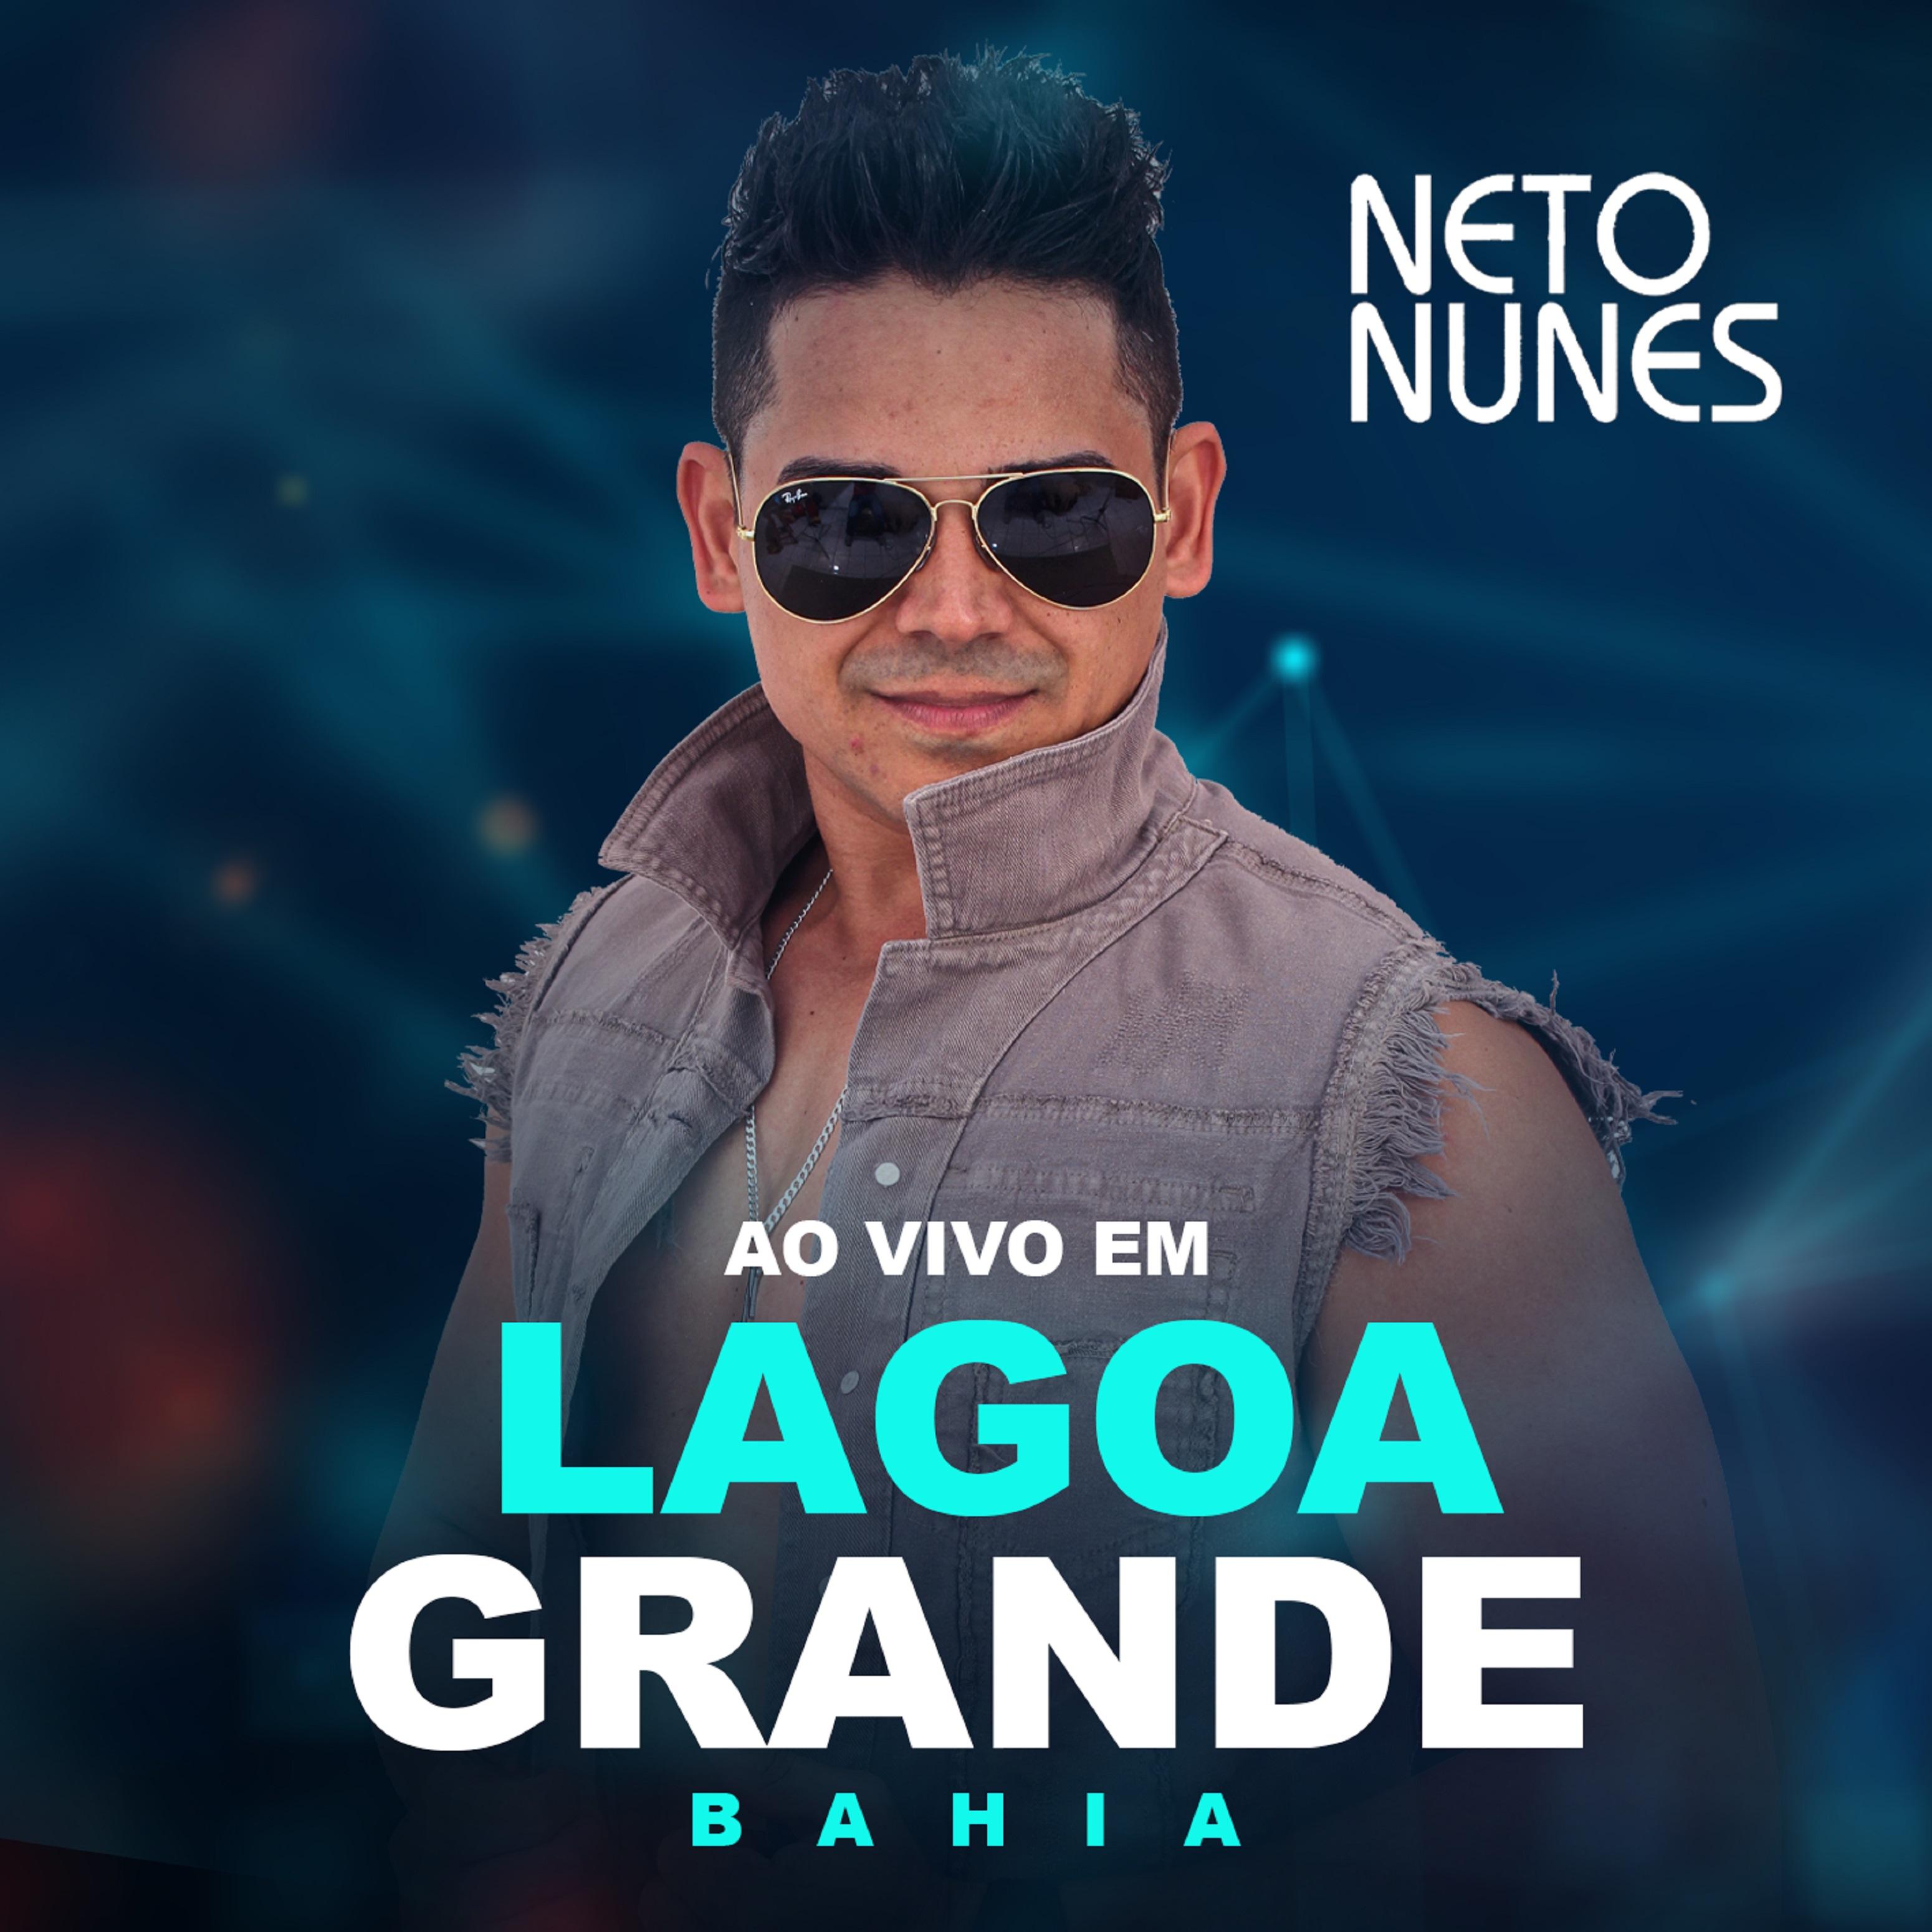 Neto Nunes